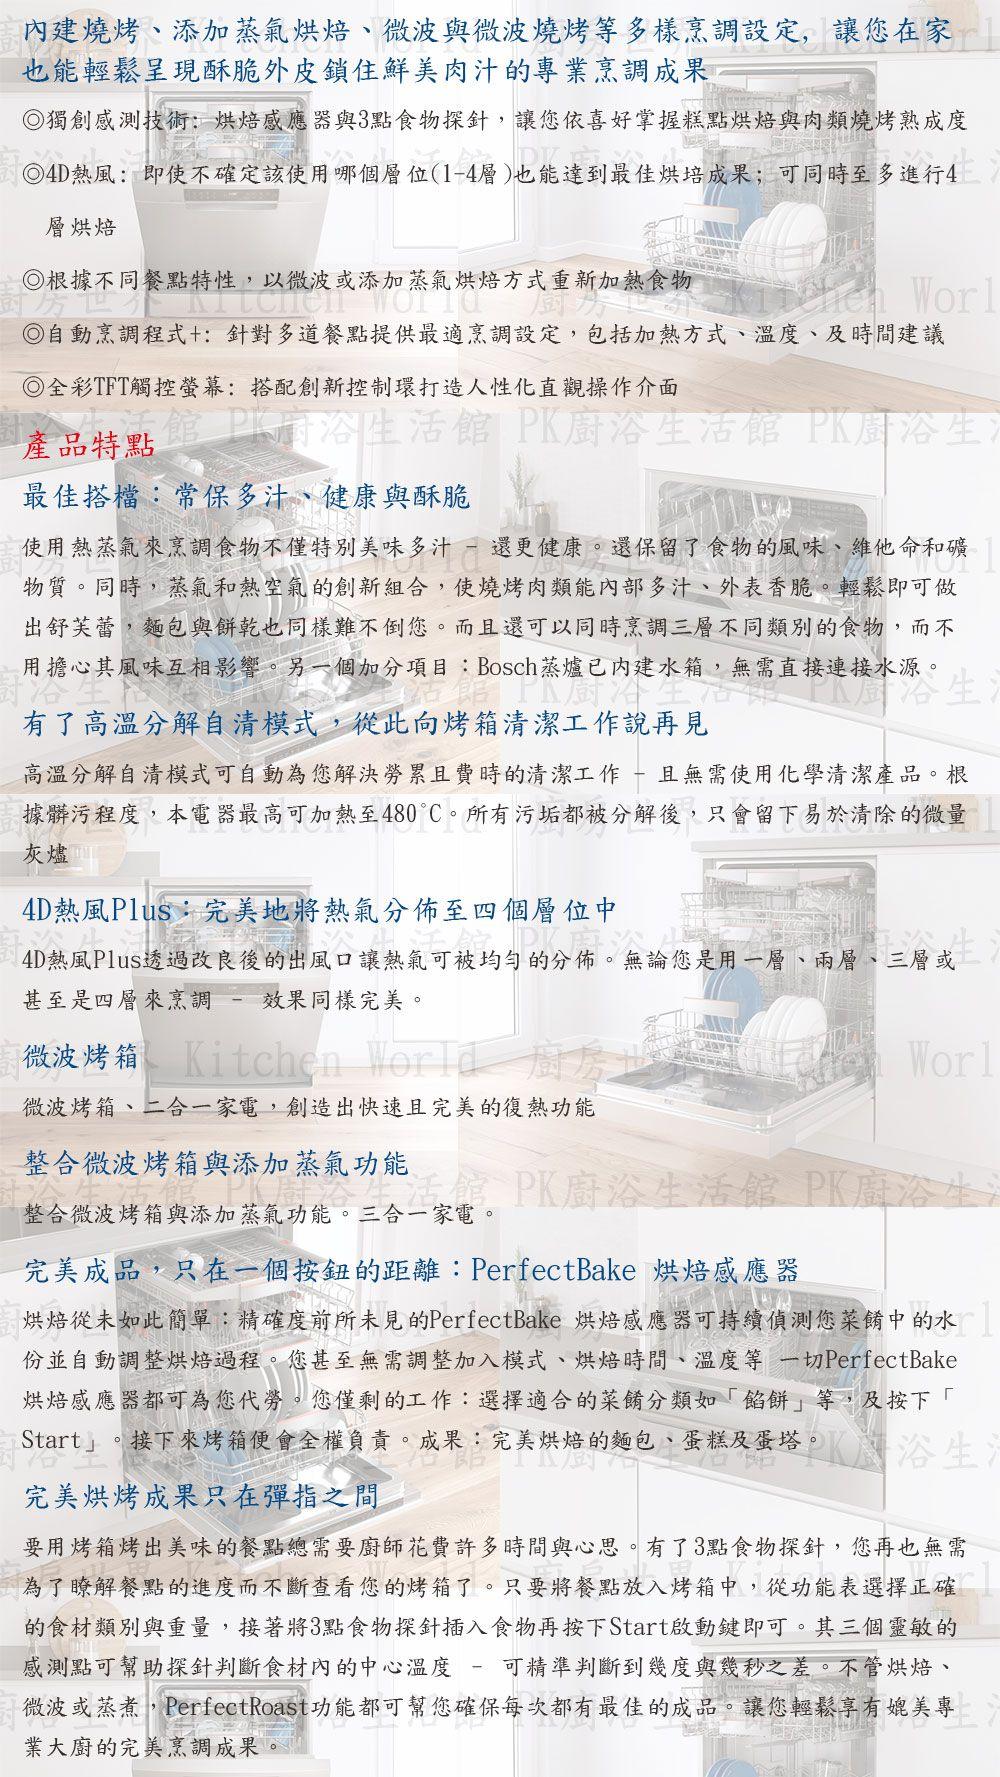 PK/goods/BOSCH/Oven/HNG6764S1-2.jpg